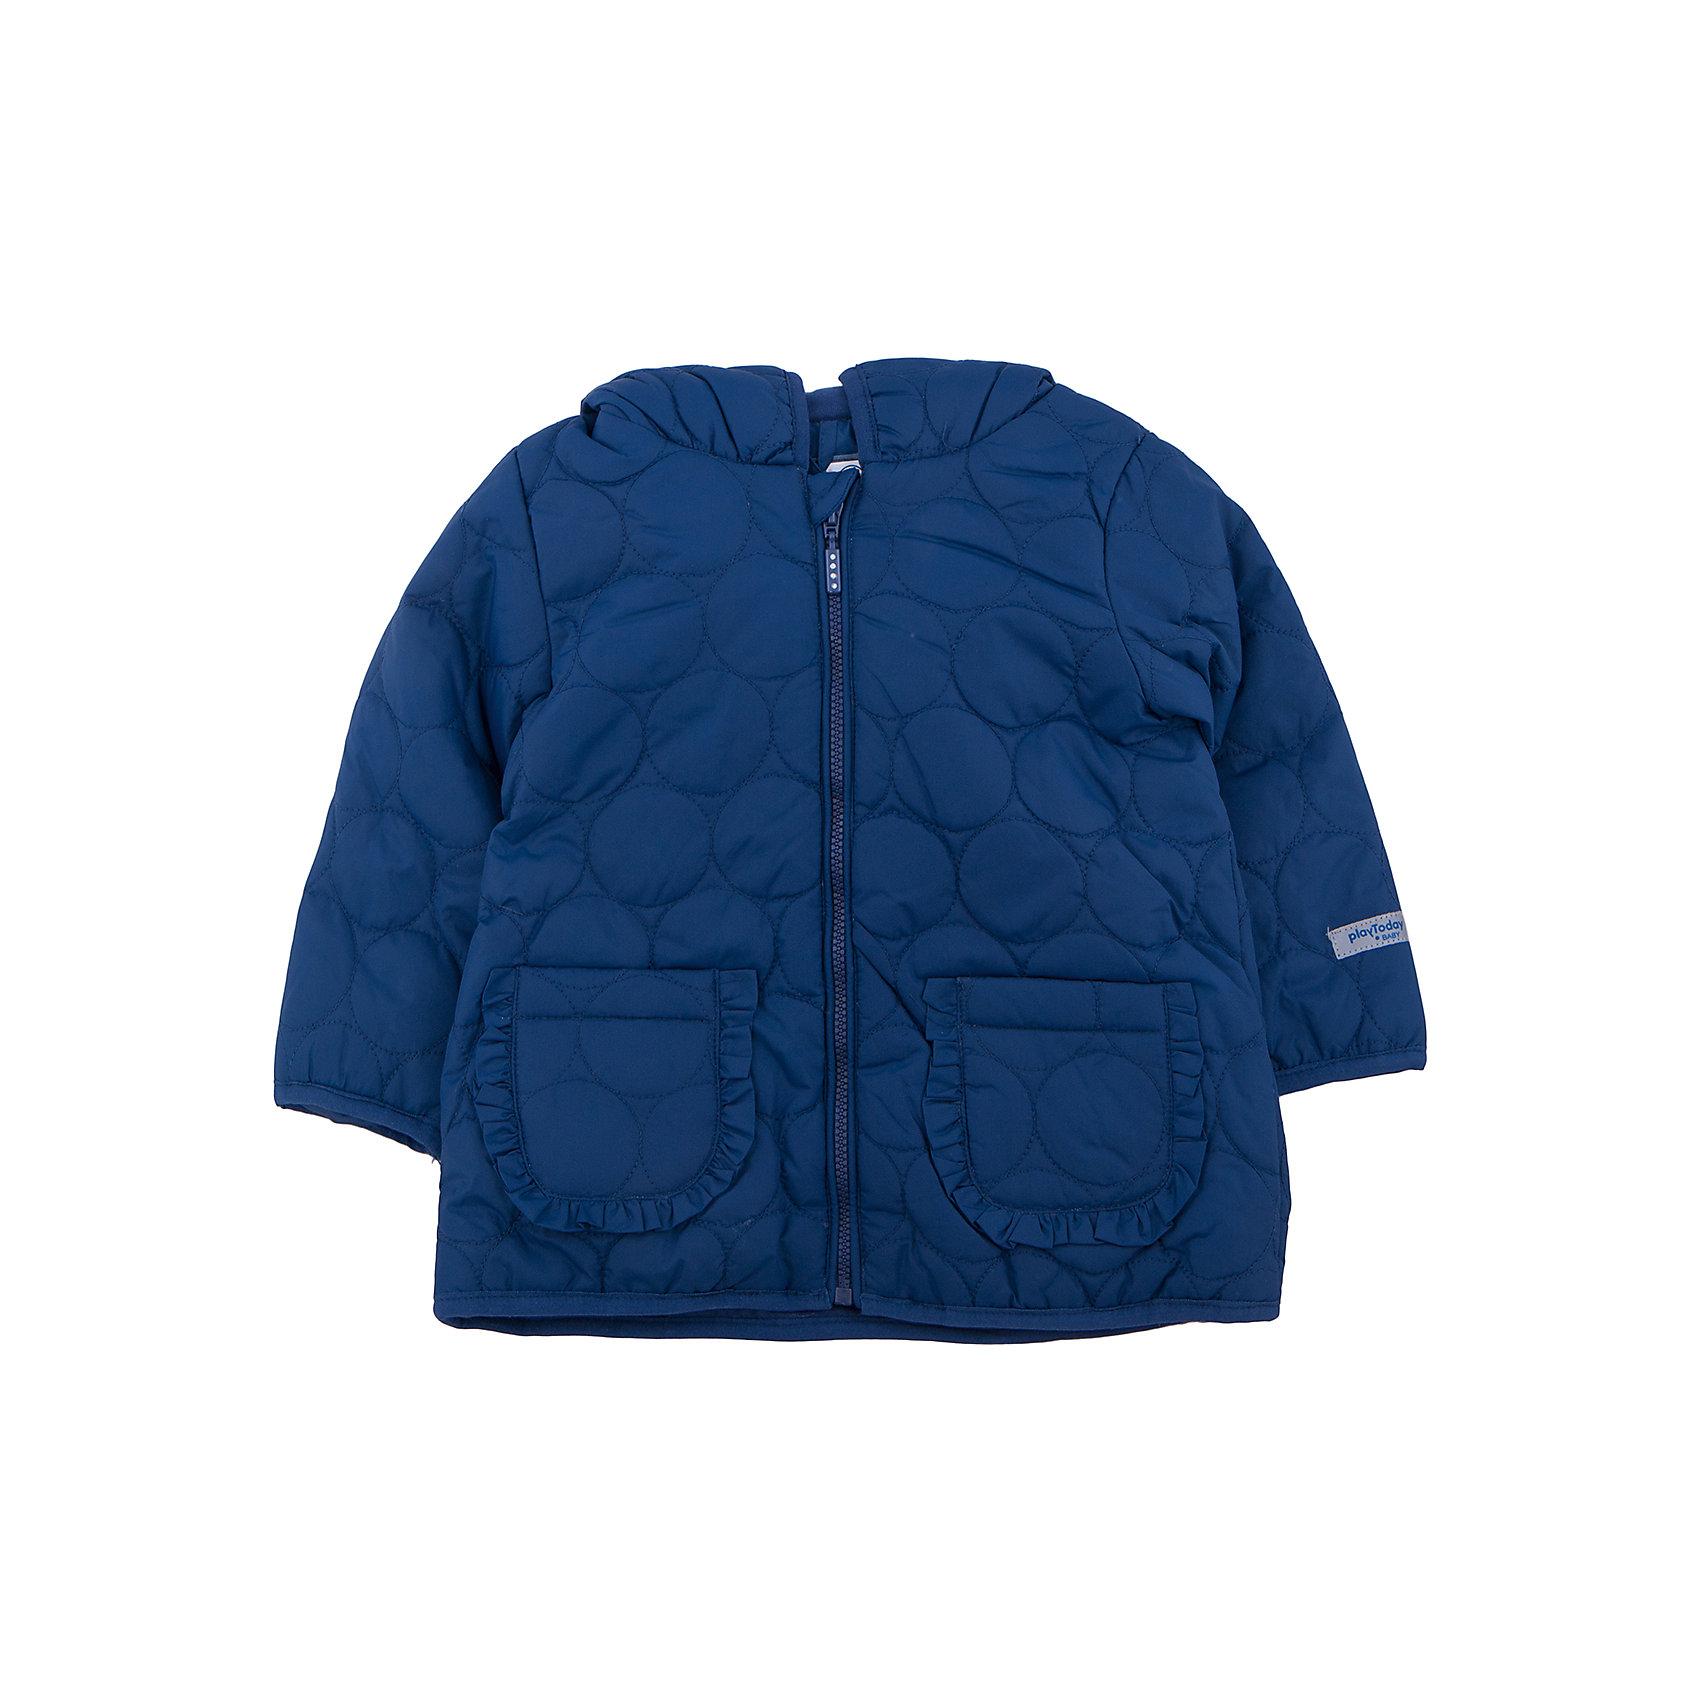 Куртка для девочки PlayTodayКуртка для девочки от известного бренда PlayToday.<br>Мягкая хлопковая футболка с длинными рукавами. Украшена сердечком из блестящего глиттера. Удобно застегивается на кнопки на плече, чтобы ее легко было надевать.<br>Состав:<br>Верх: 100% полиэстер, подкладка: 60% хлопок, 40% полиэстер, наполнитель: 100% полиэстер, 100 г/м2<br><br>Ширина мм: 157<br>Глубина мм: 13<br>Высота мм: 119<br>Вес г: 200<br>Цвет: розовый<br>Возраст от месяцев: 6<br>Возраст до месяцев: 9<br>Пол: Женский<br>Возраст: Детский<br>Размер: 74,86,80,92<br>SKU: 4900519